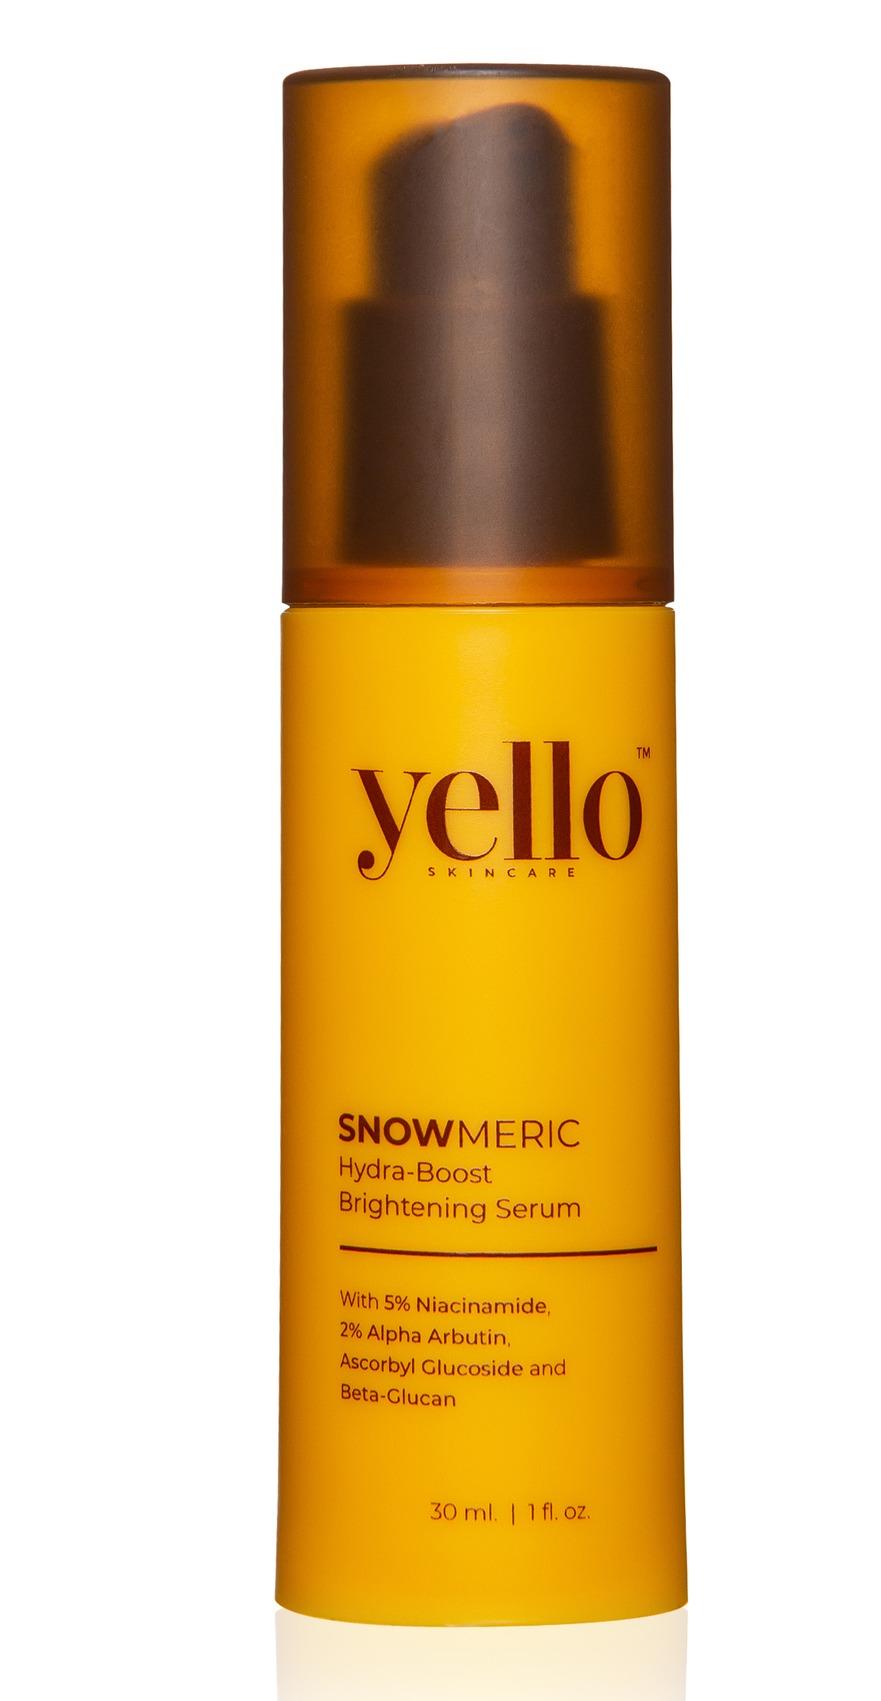 Yello Skincare Snowmeric Hydra-Boost Brightening Serum